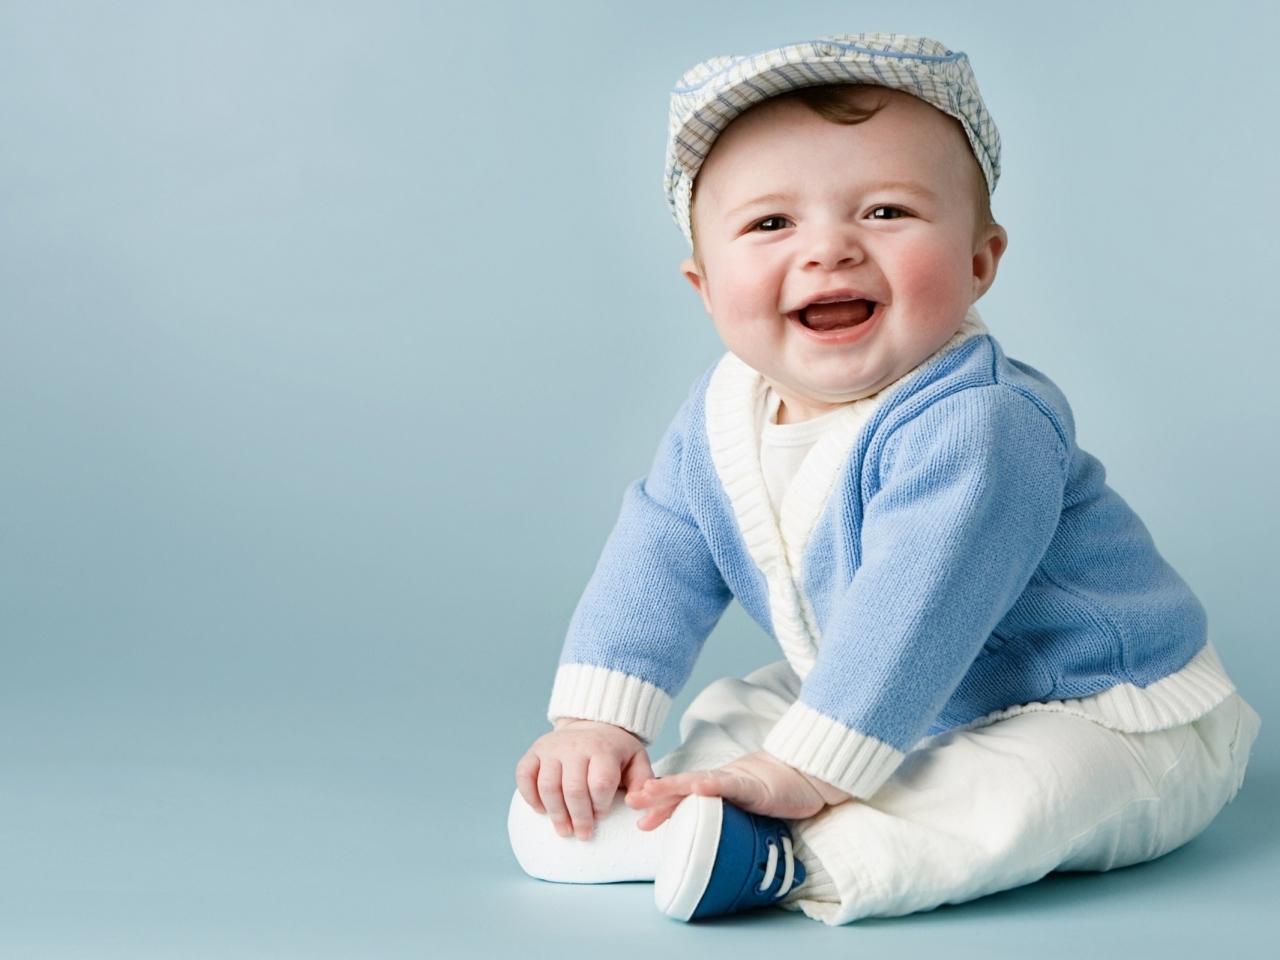 Ropa de bebe - 1280x960